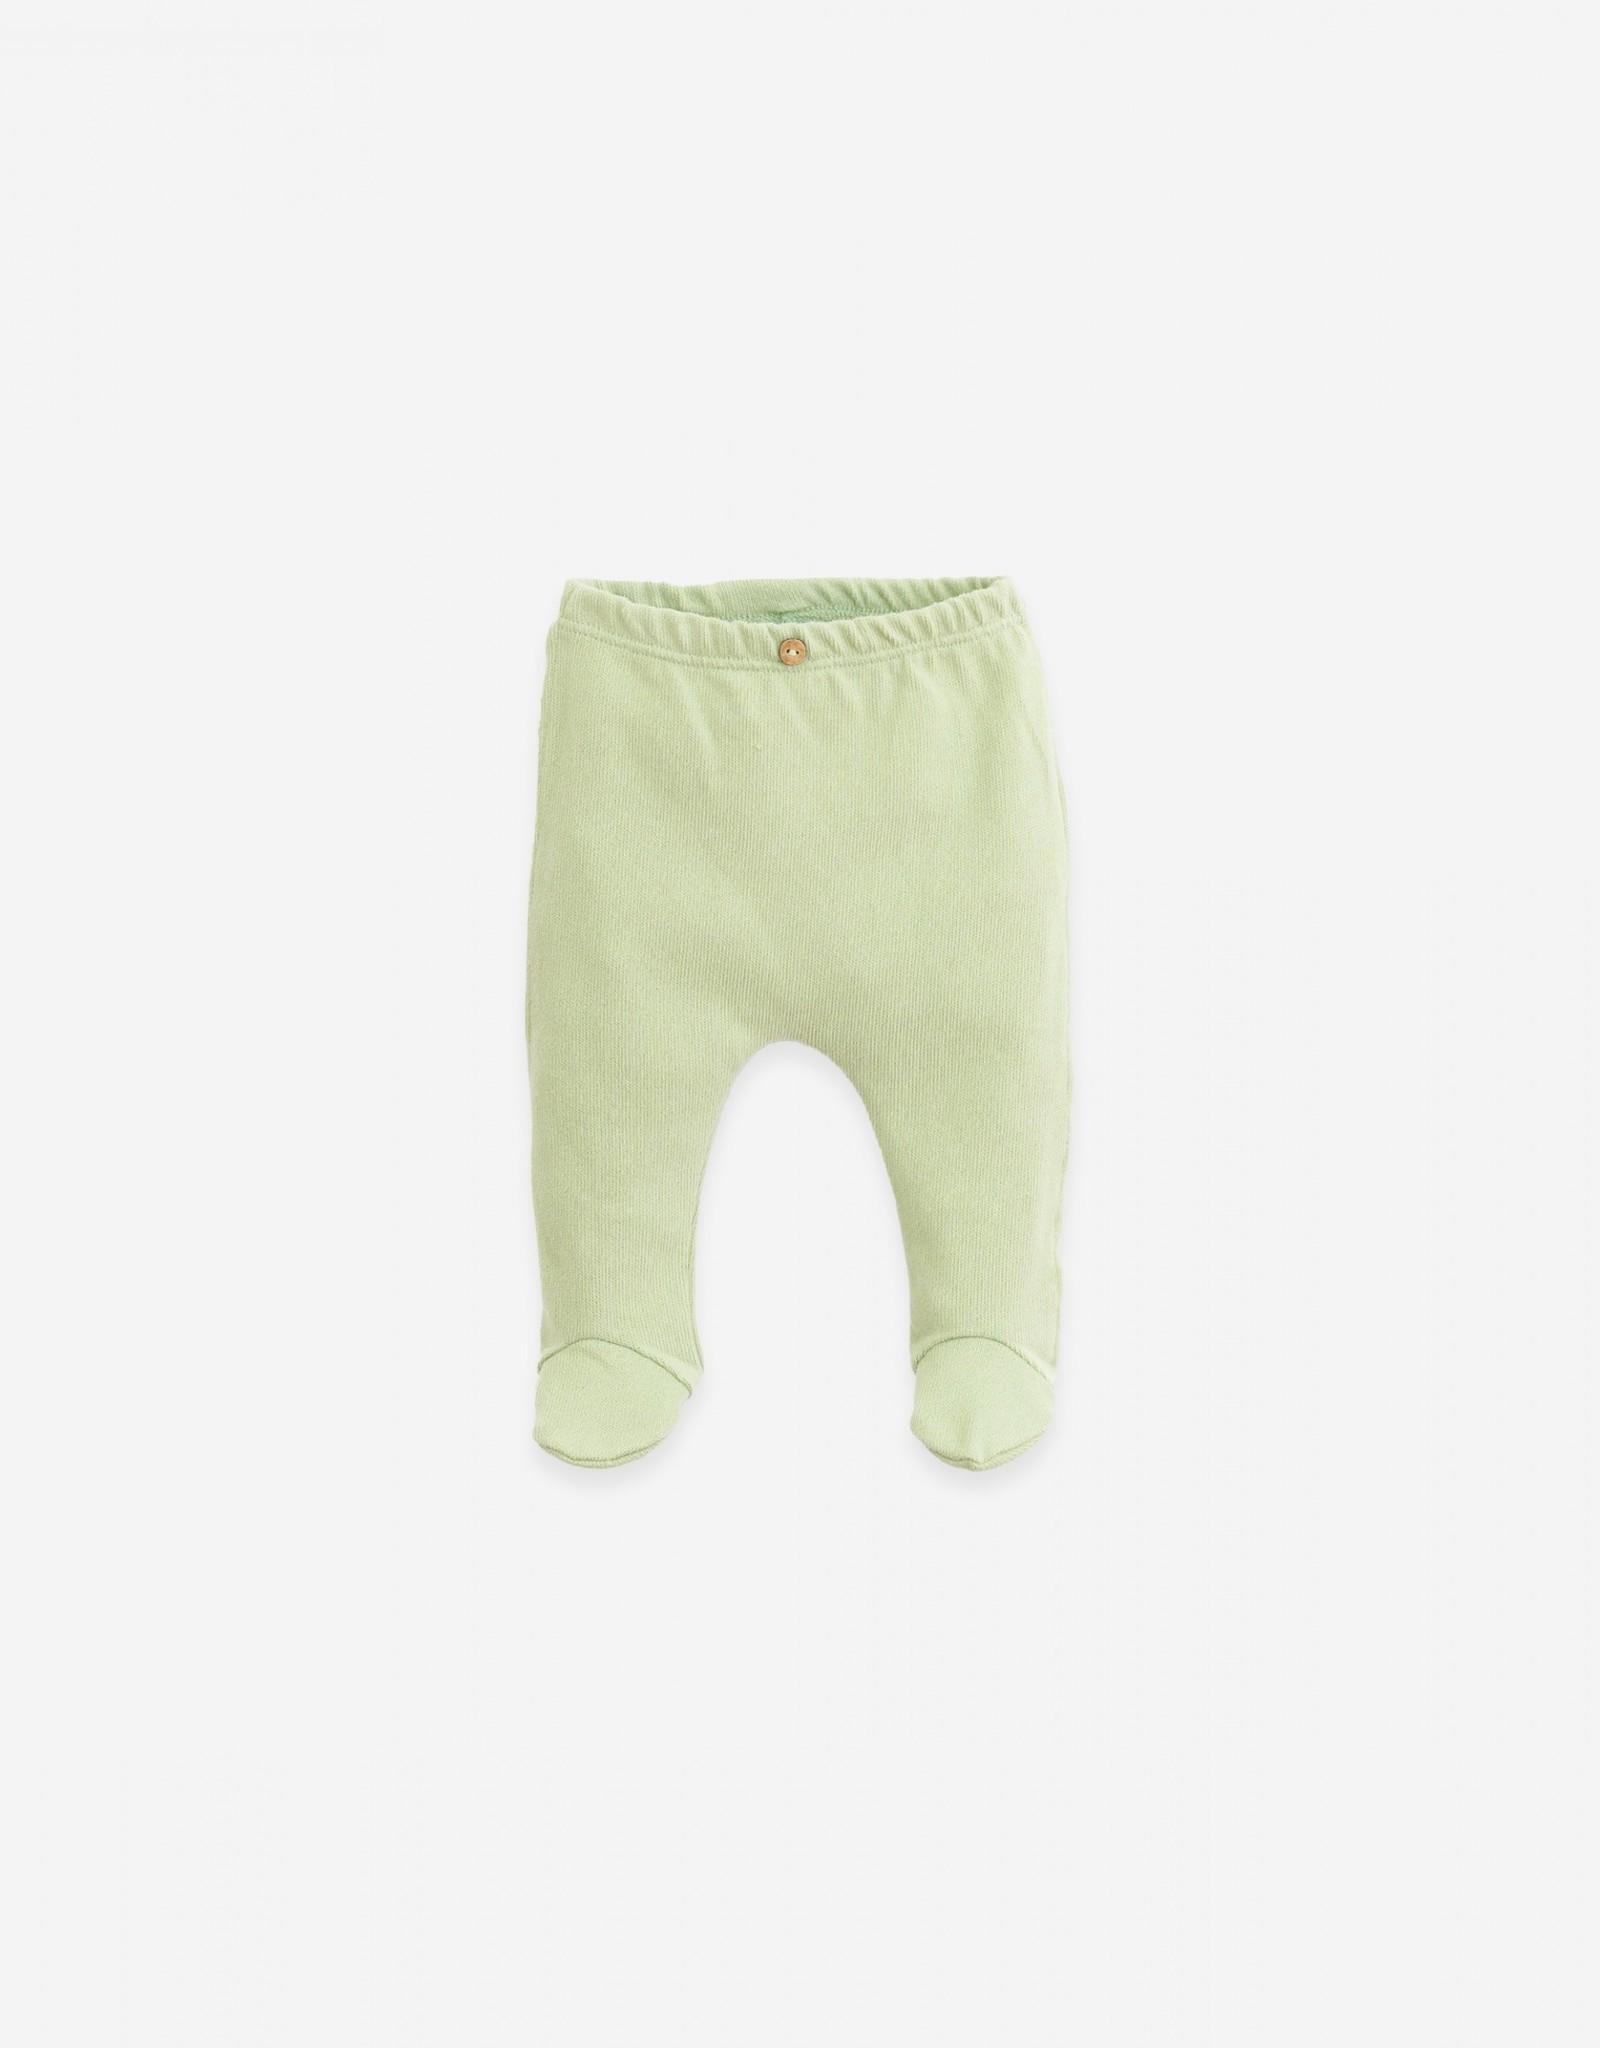 Play Up Play Up set van vestje en broekje met voetjes arminho (pastelgroen)